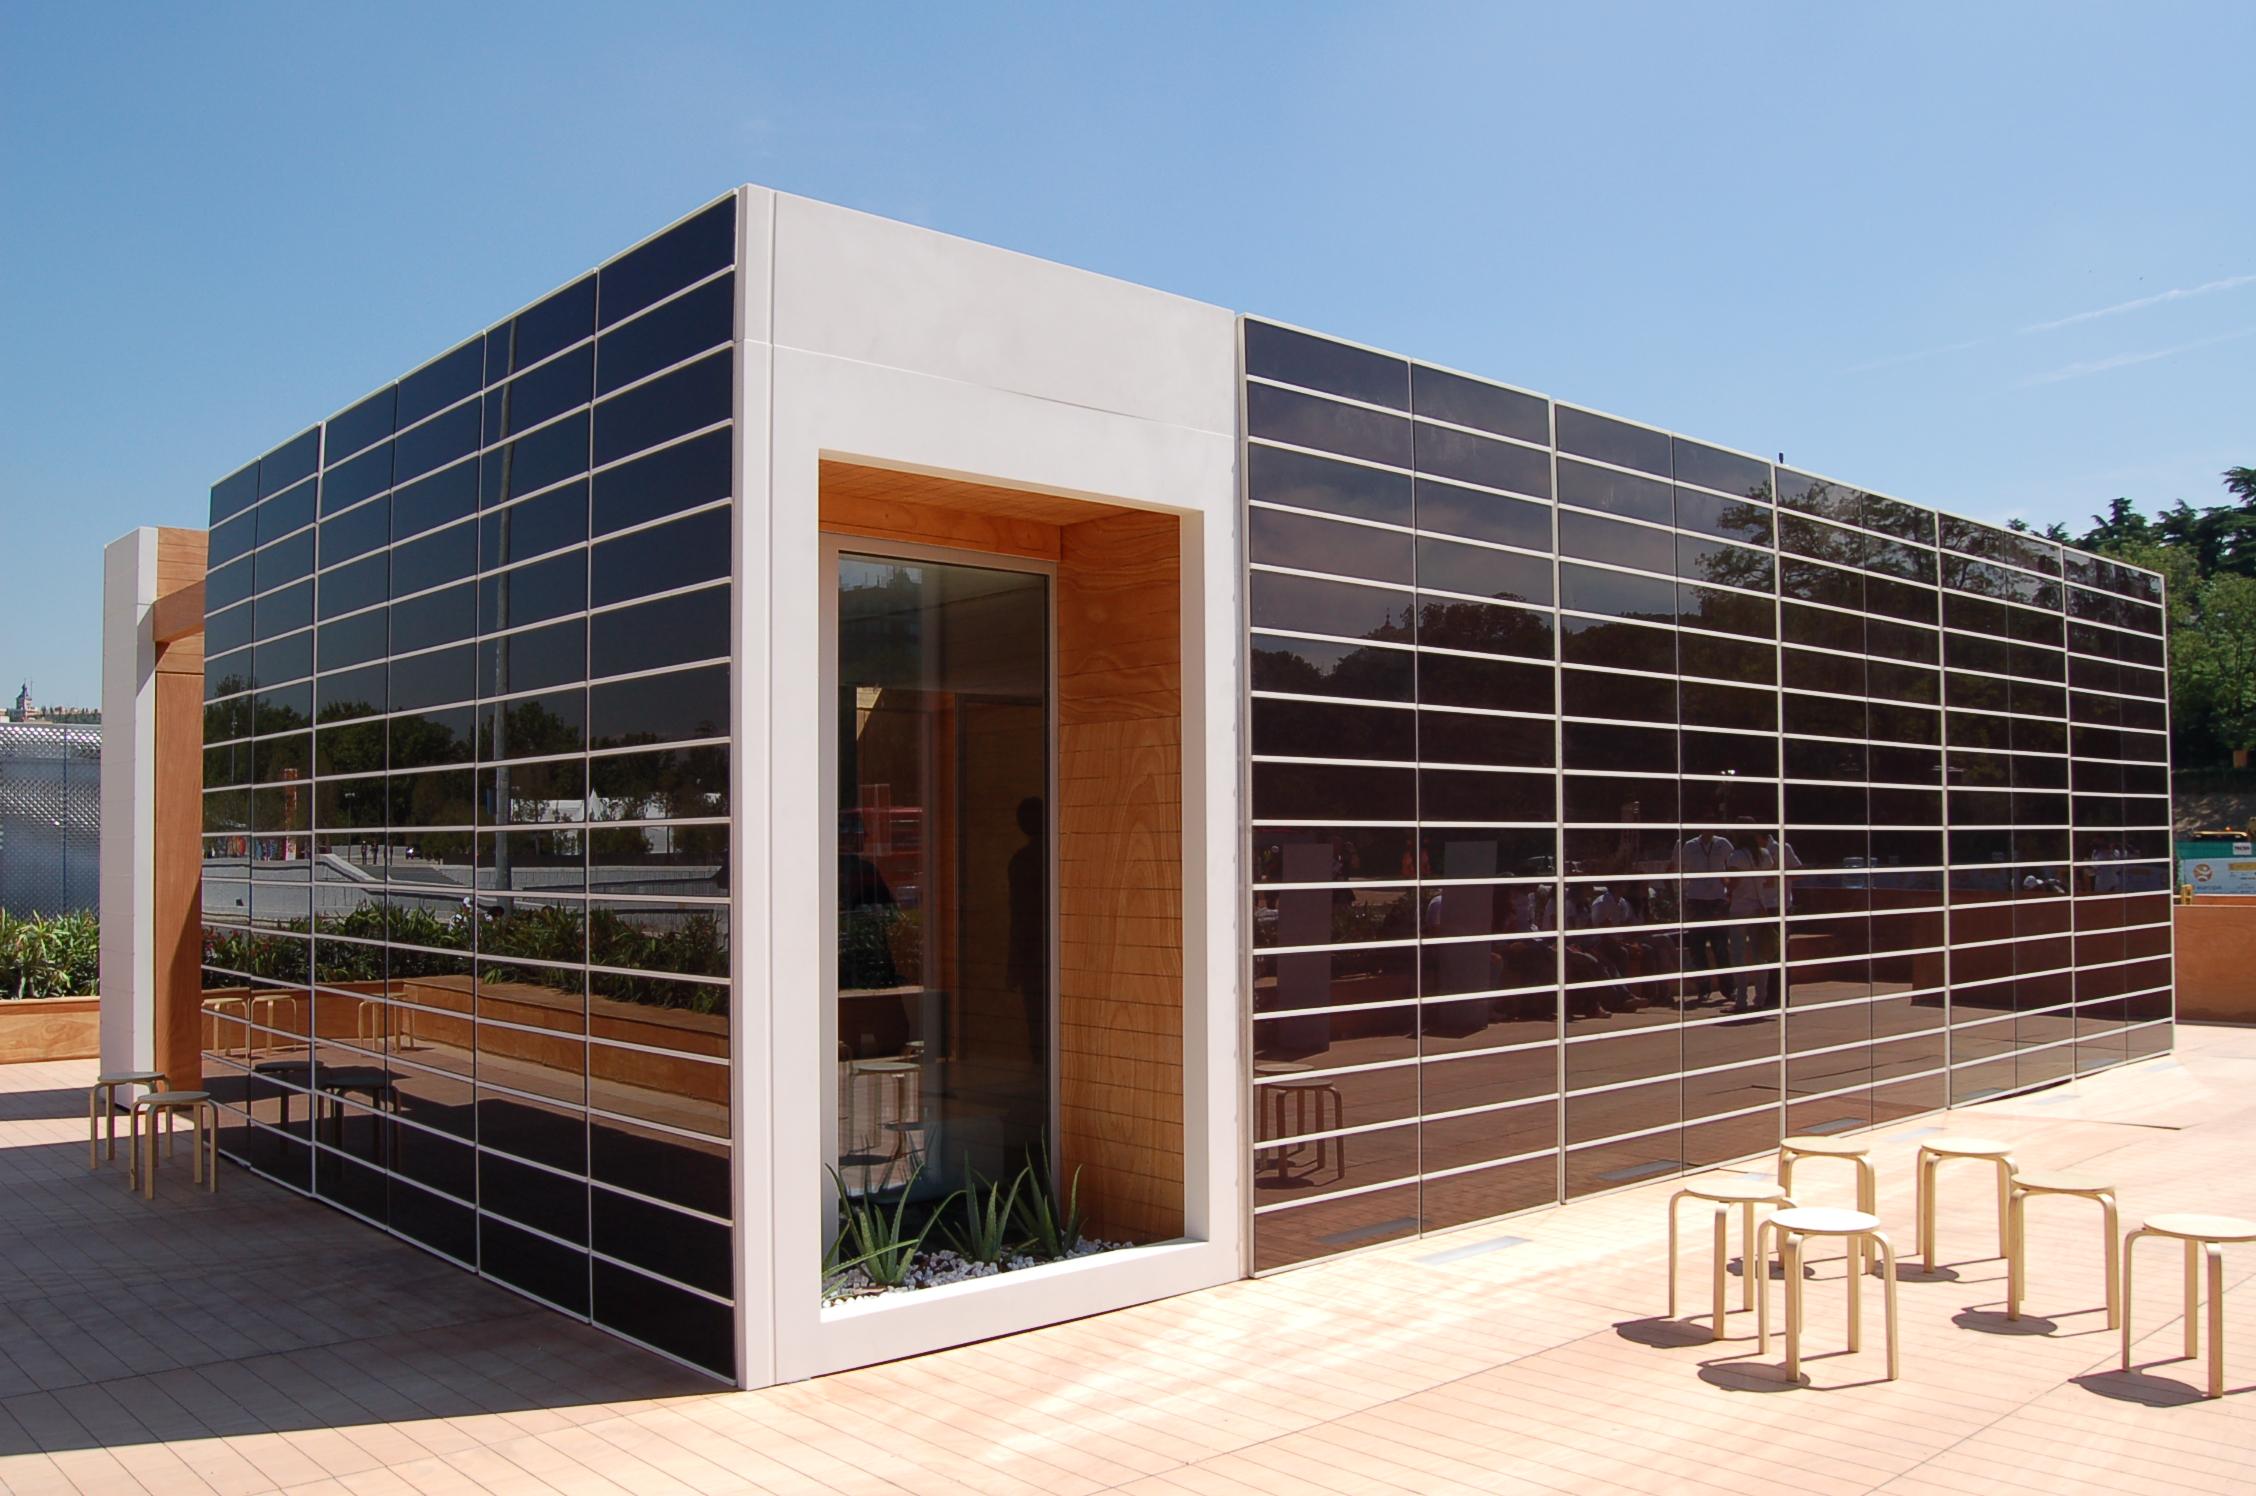 Fotovoltaica en fachadas